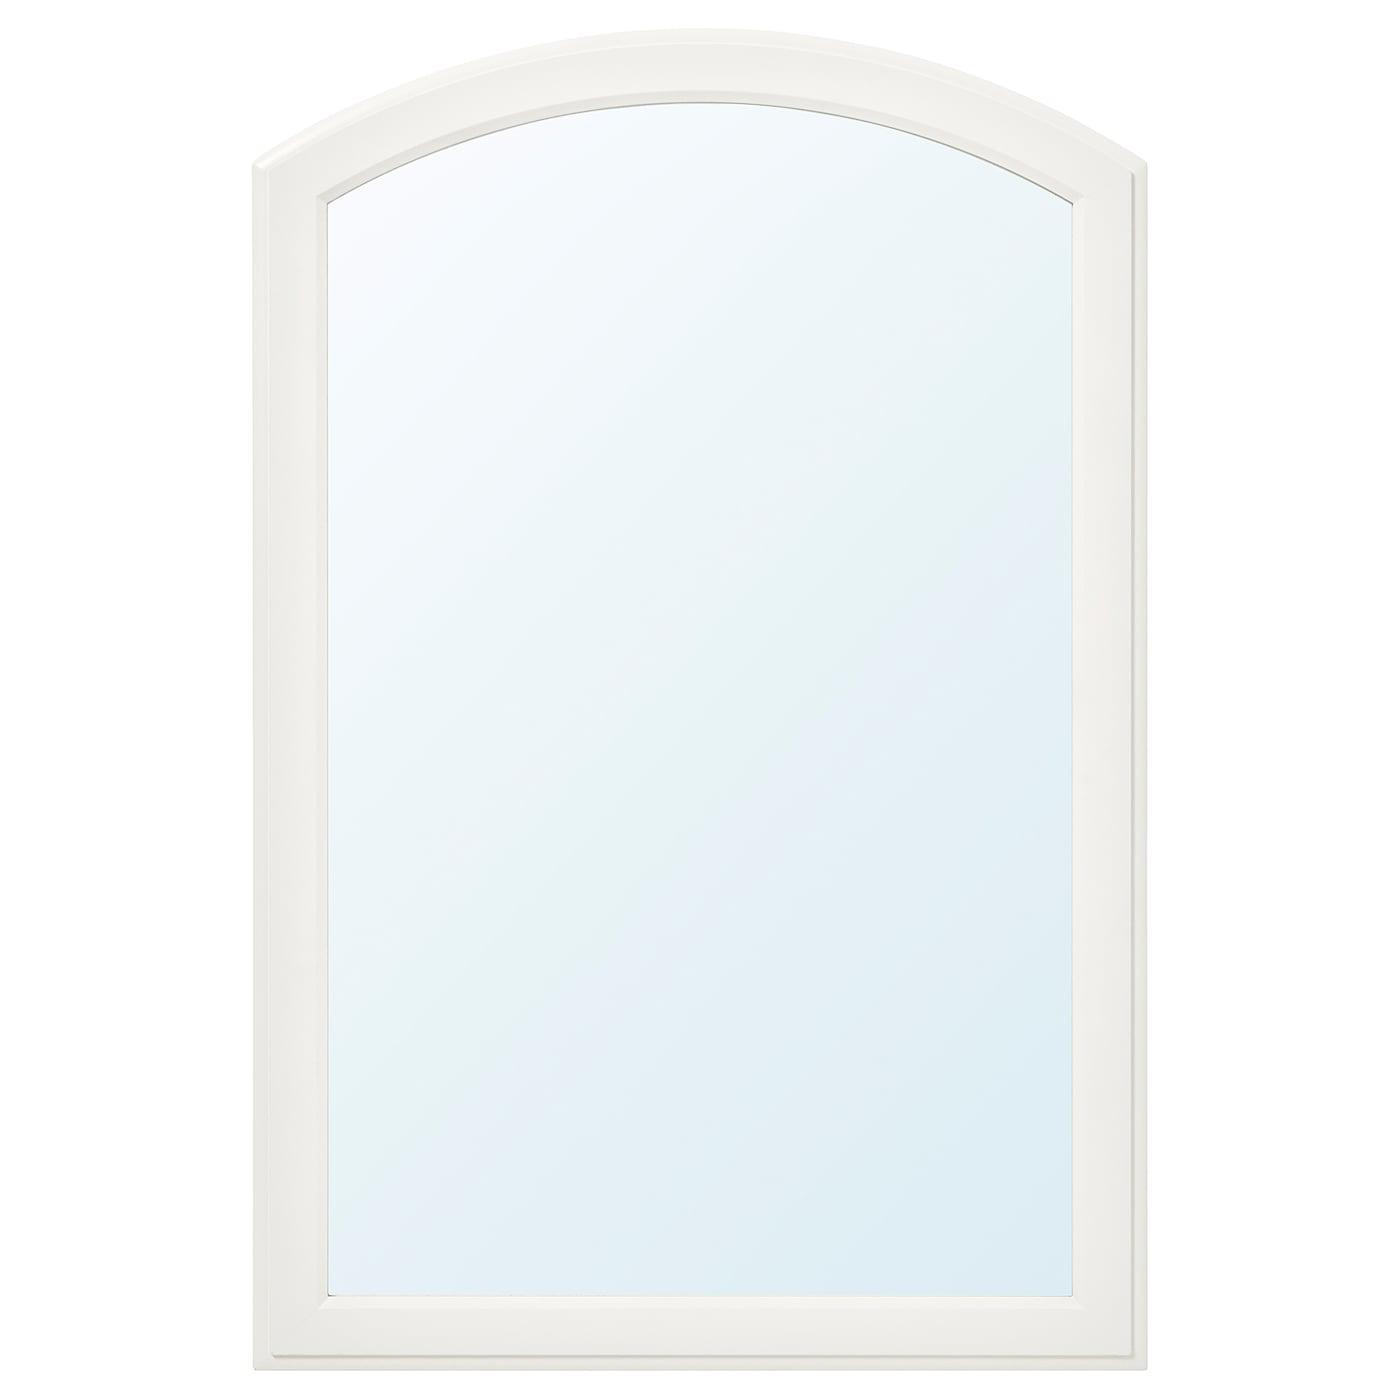 ikea matredal spiegel past in bijna alle ruimtes ook getest en goedgekeurd voor de badkamer